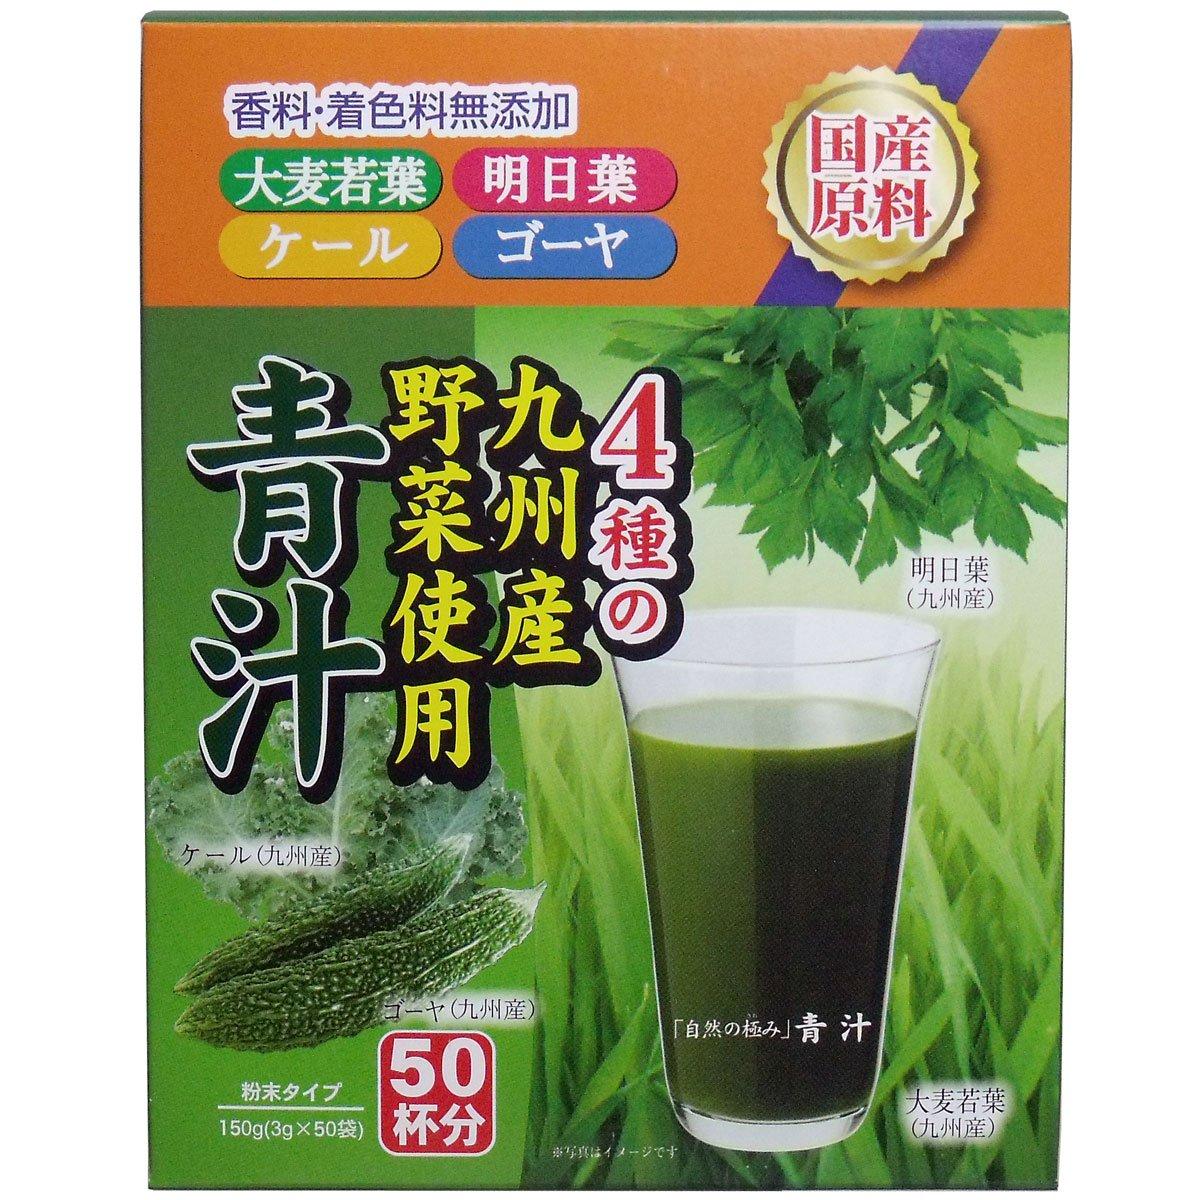 自然の極み 青汁 (九州産野菜使用) 3g×50袋入「5点セット」 B00IQ0105K